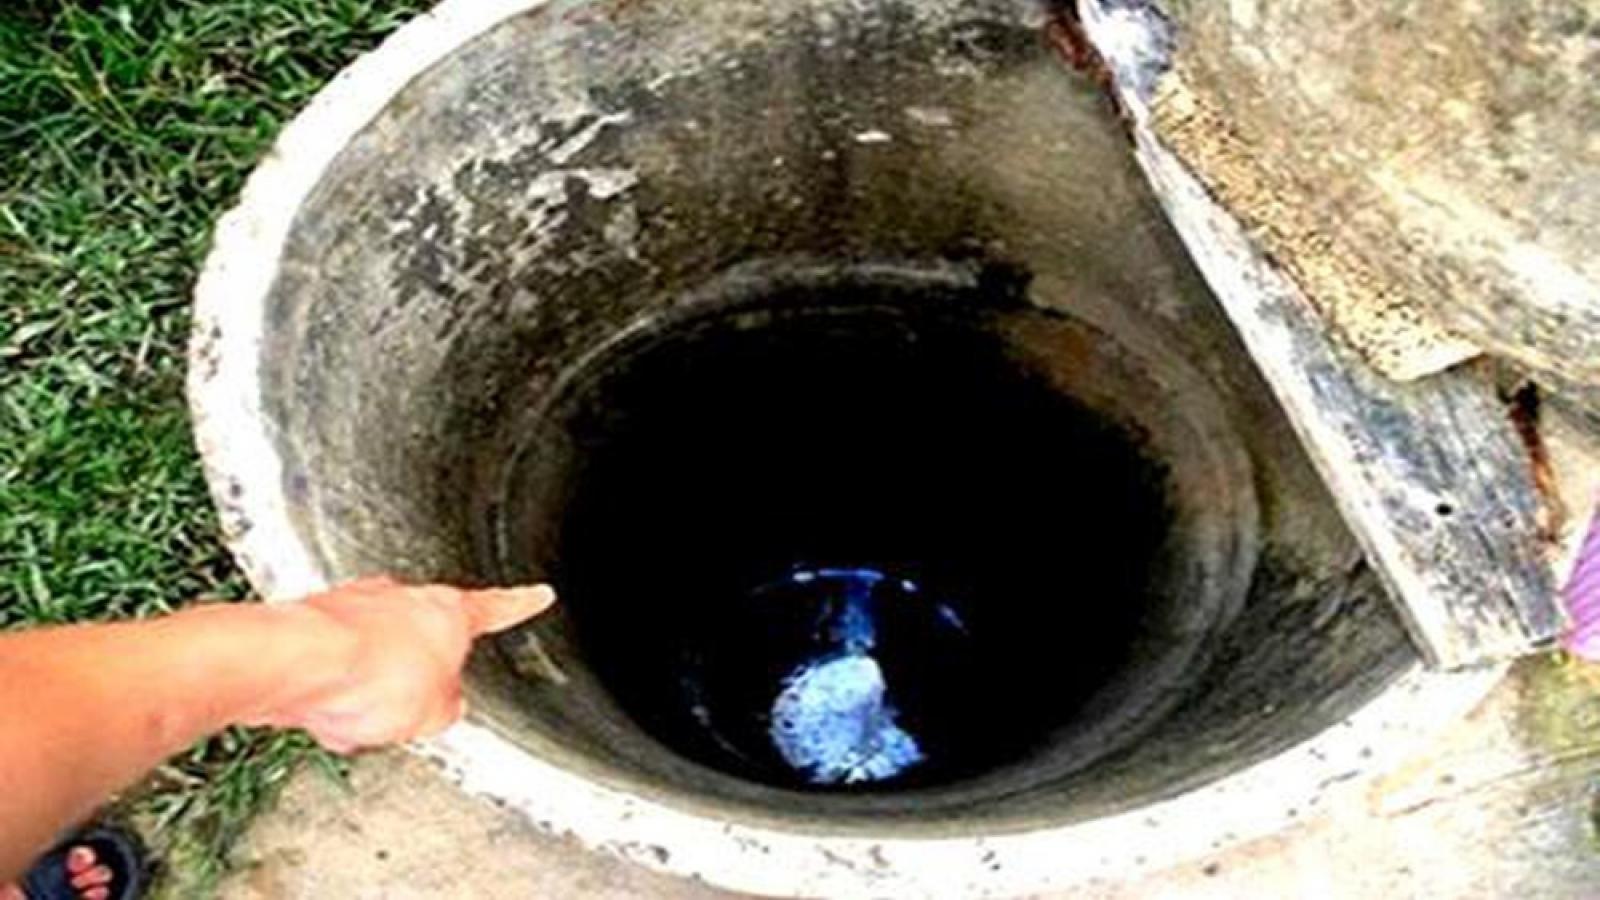 Múc nước để dọn nhà sau lũ, người đàn ông rơi xuống giếng tử vong